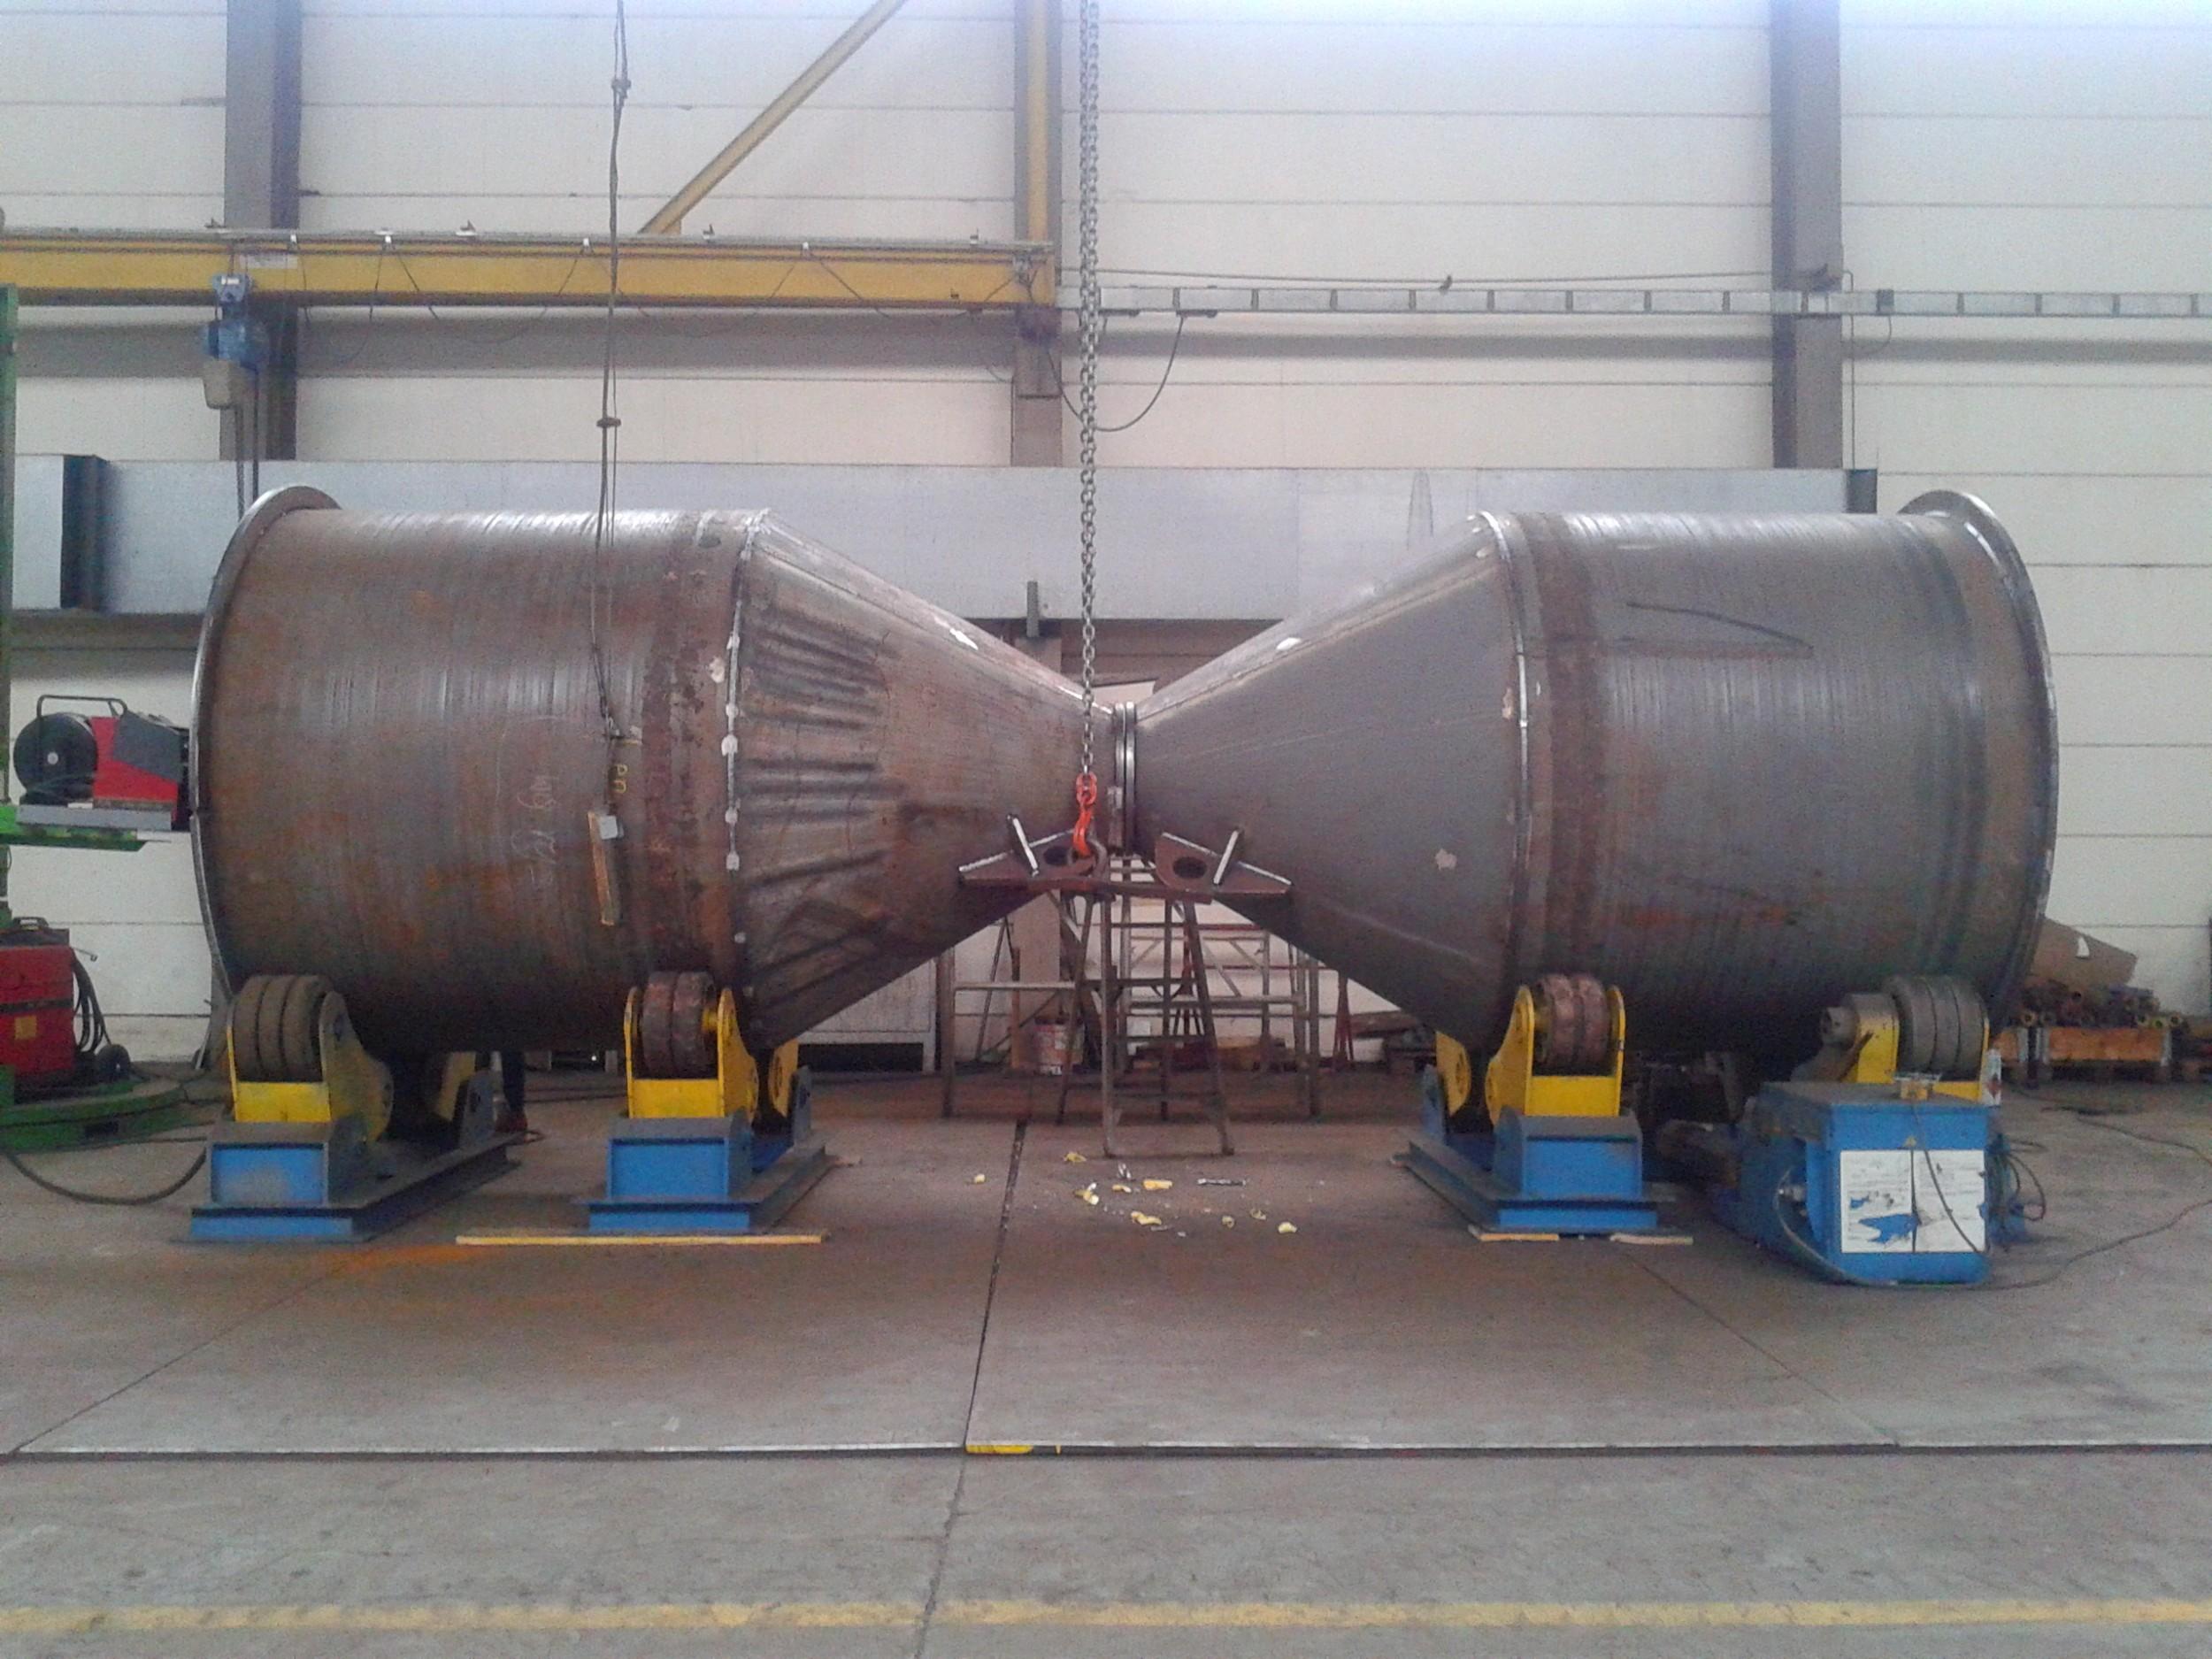 Harris cilinder / Harriszylinder